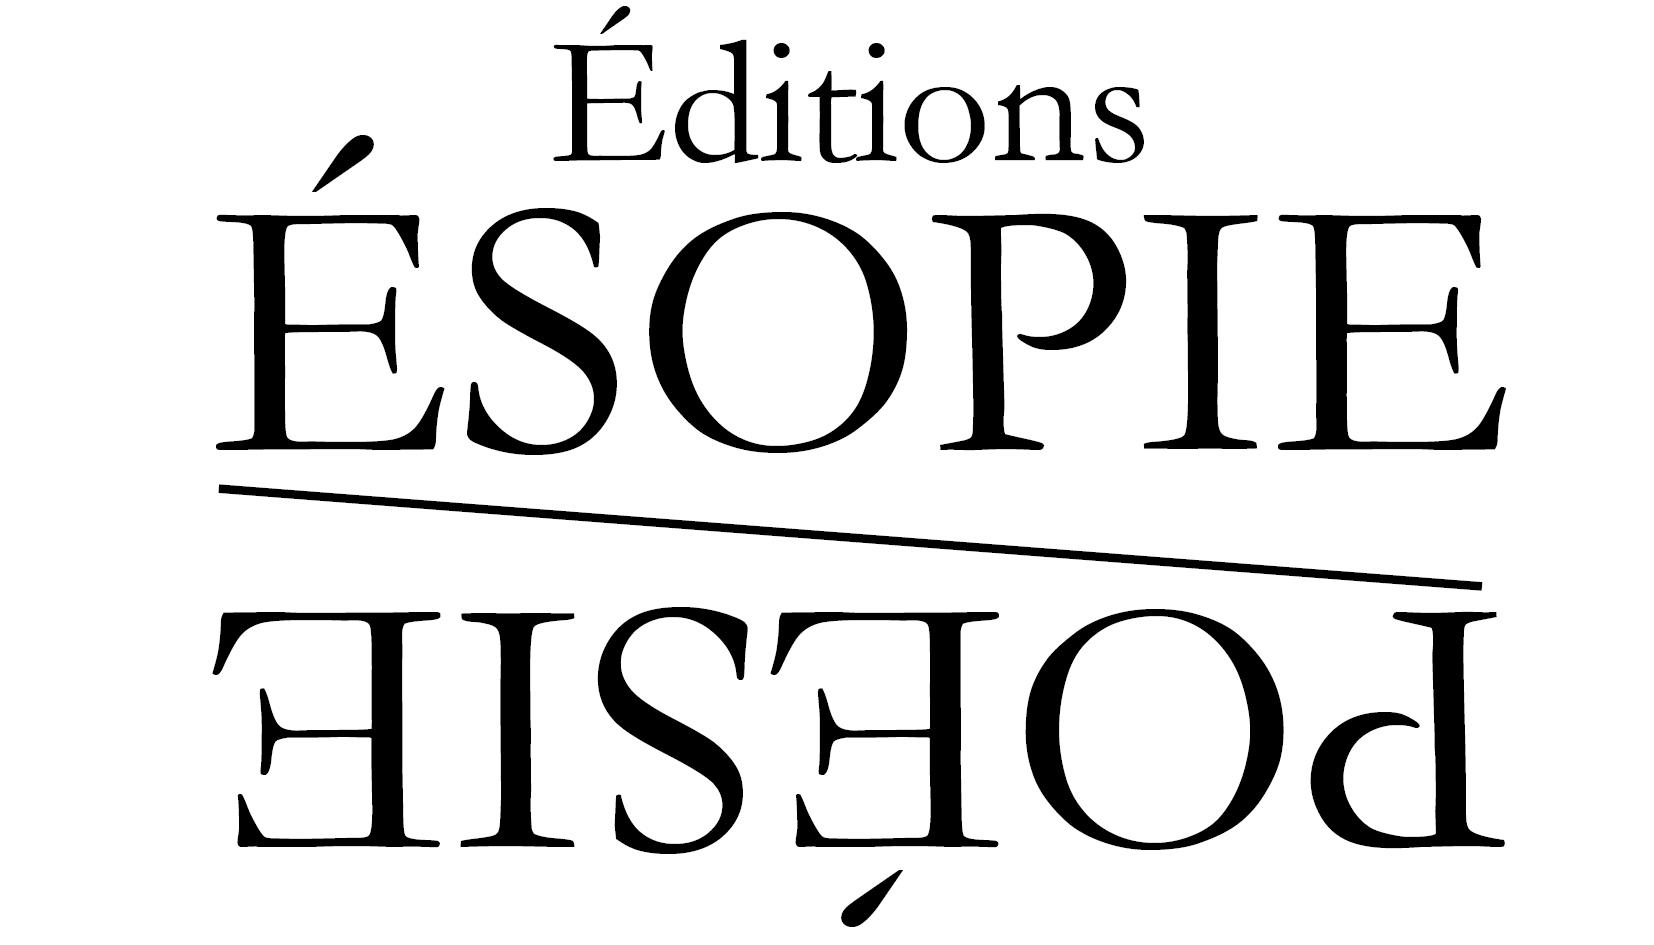 Éditions Ésopie